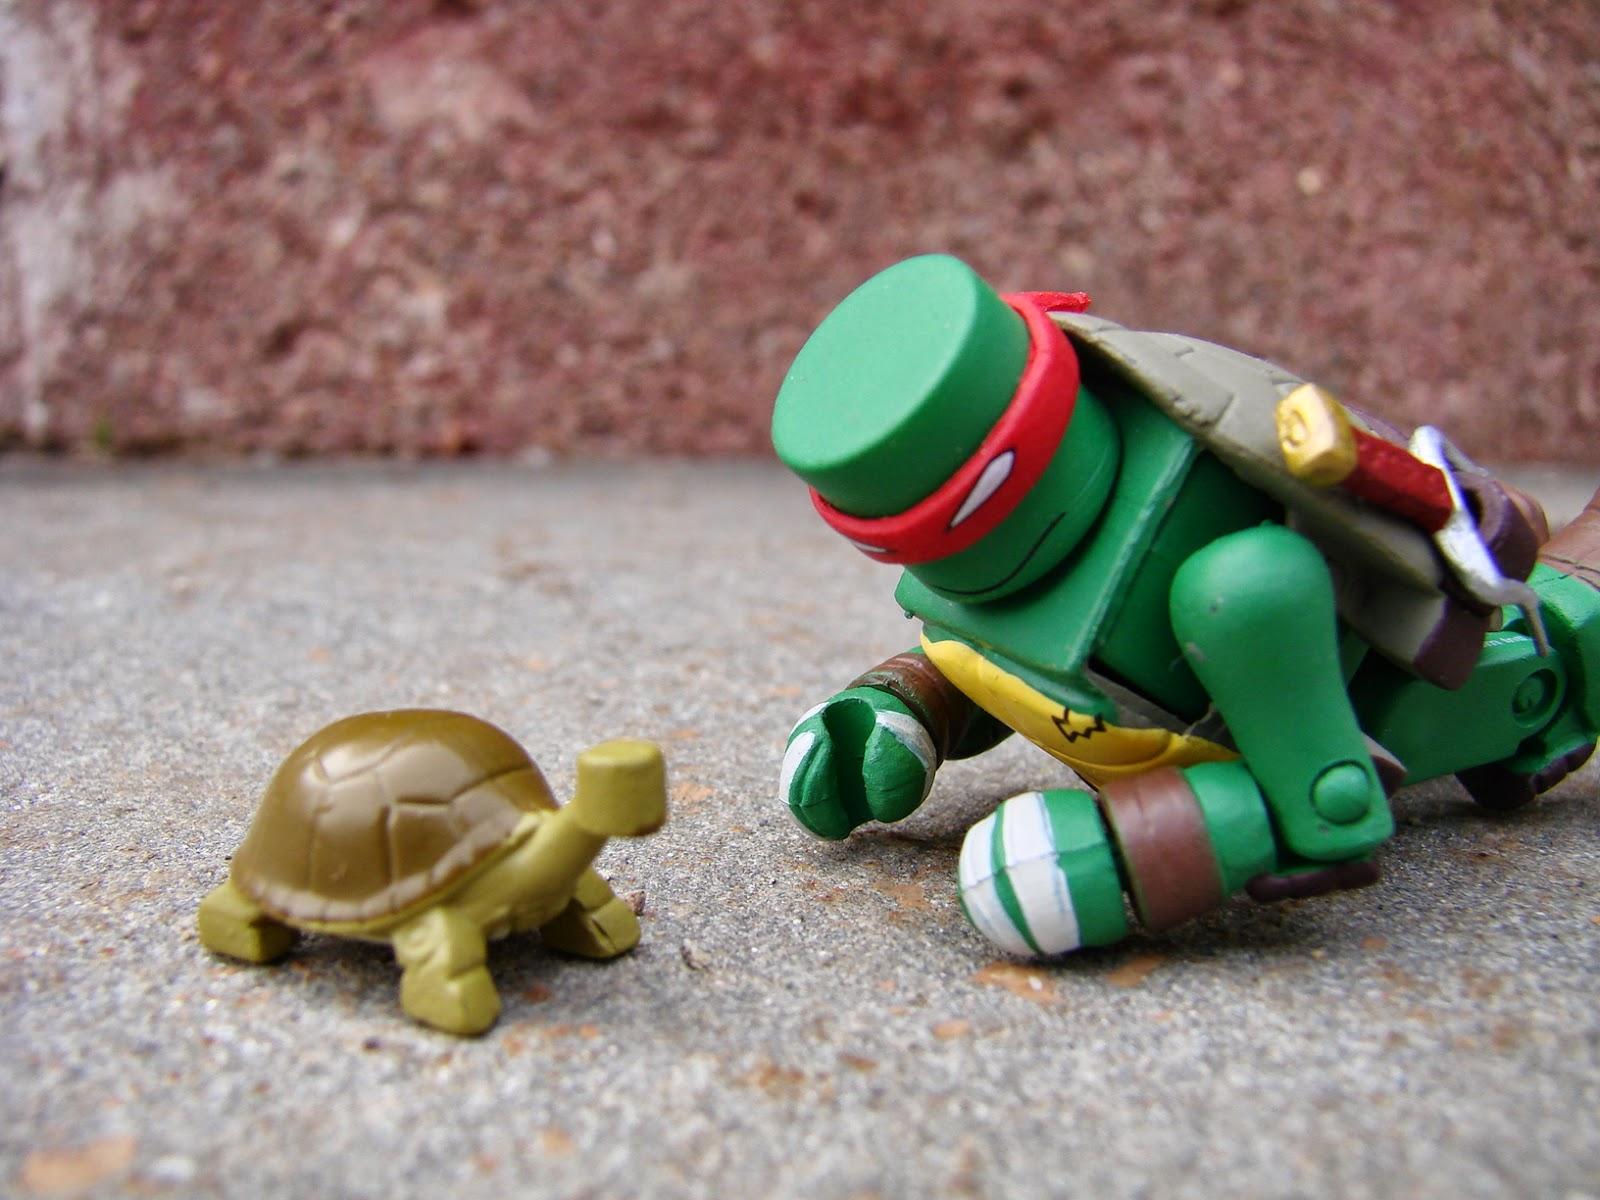 Warning turtles amp tortoises inc - Warning Turtles Amp Tortoises Inc 81